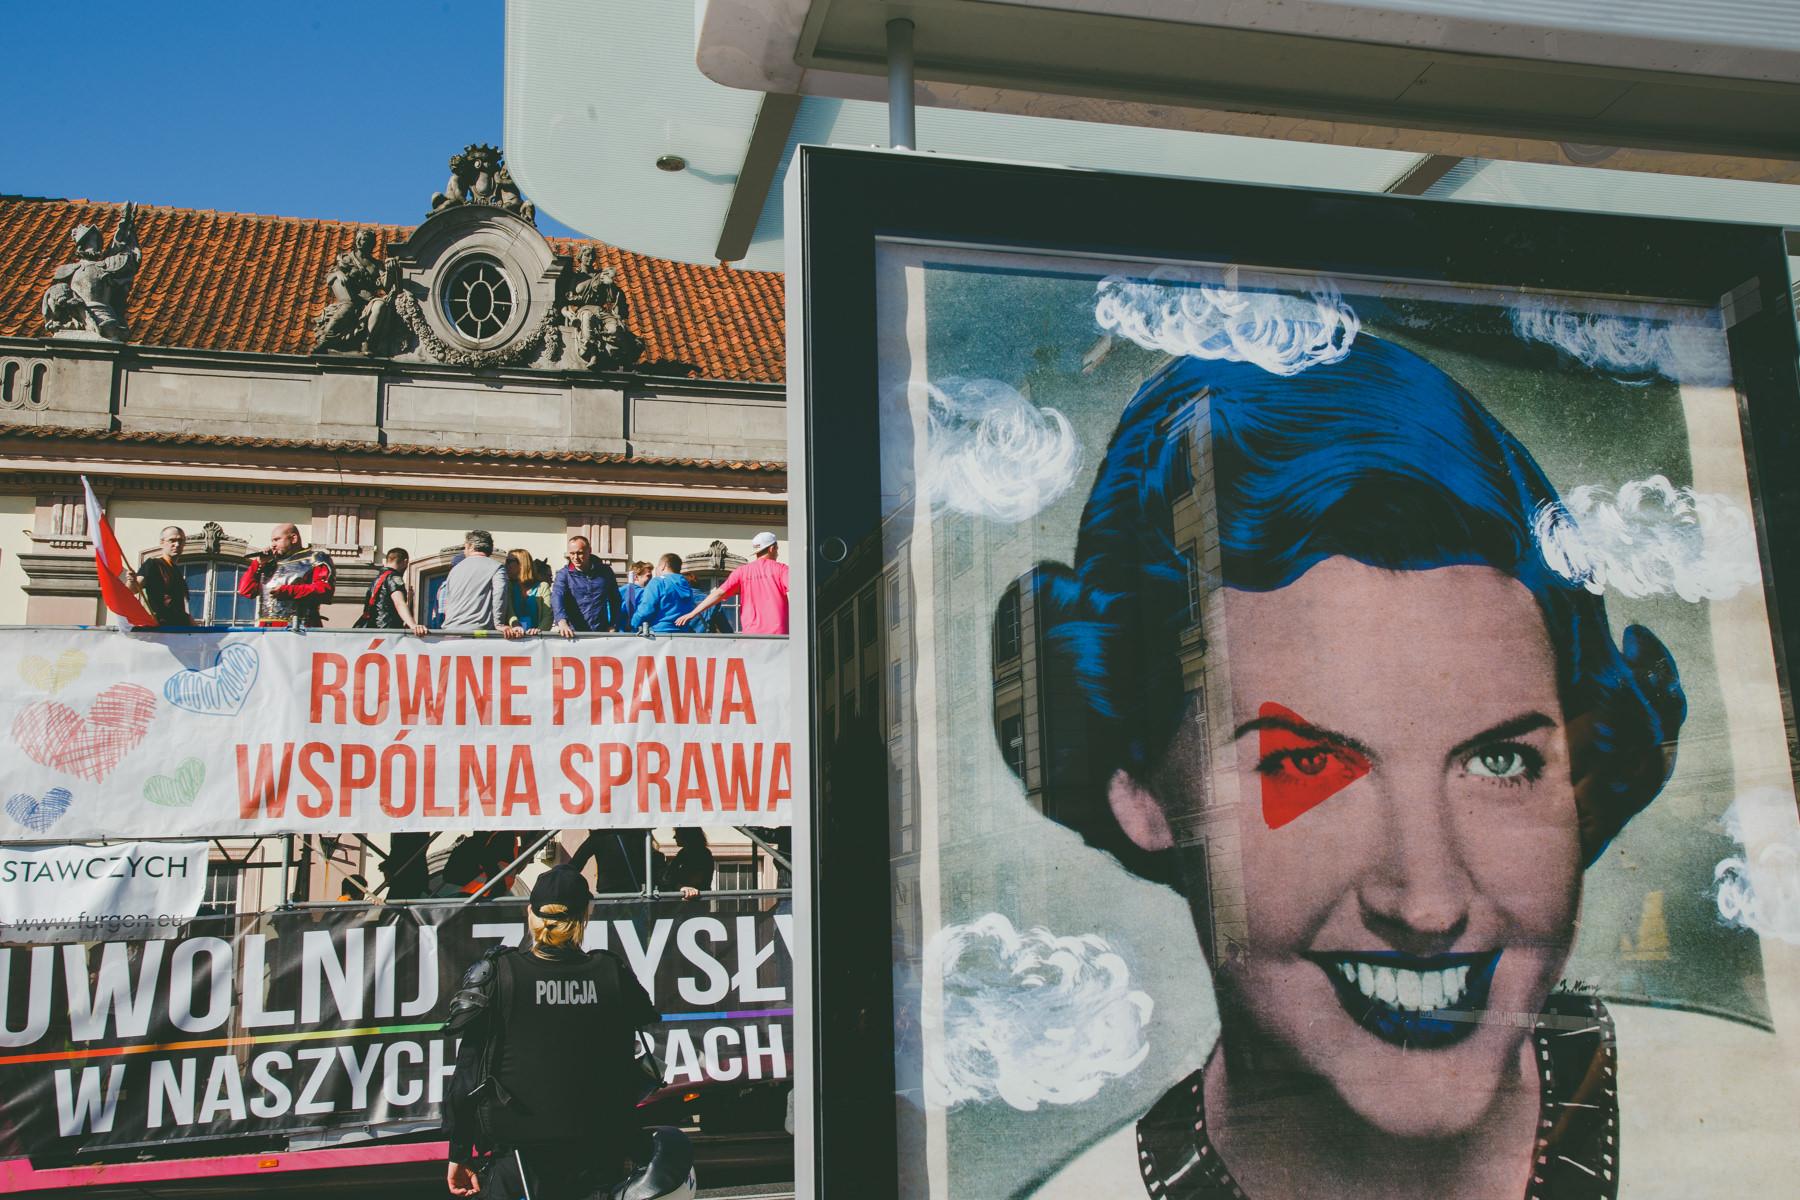 Parada równości w Warszawie, 2016